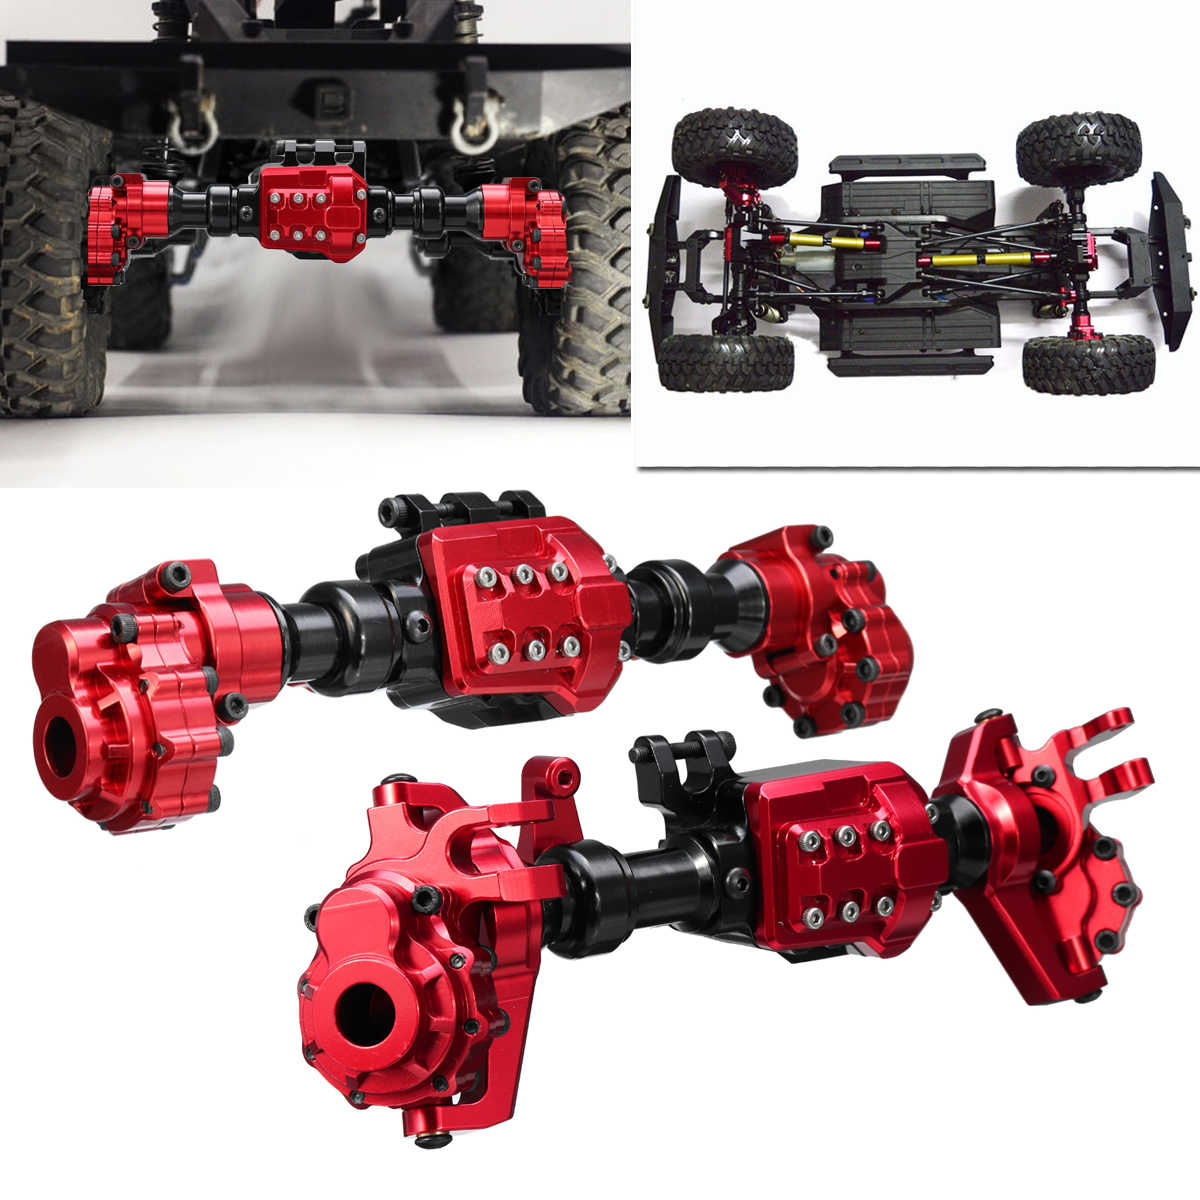 Carcasa de ejes de Portal trasero delantero para TRX-4 CNC aleación de aluminio RC orugas de coche superficie anodizada Anti ligero rayado rojo